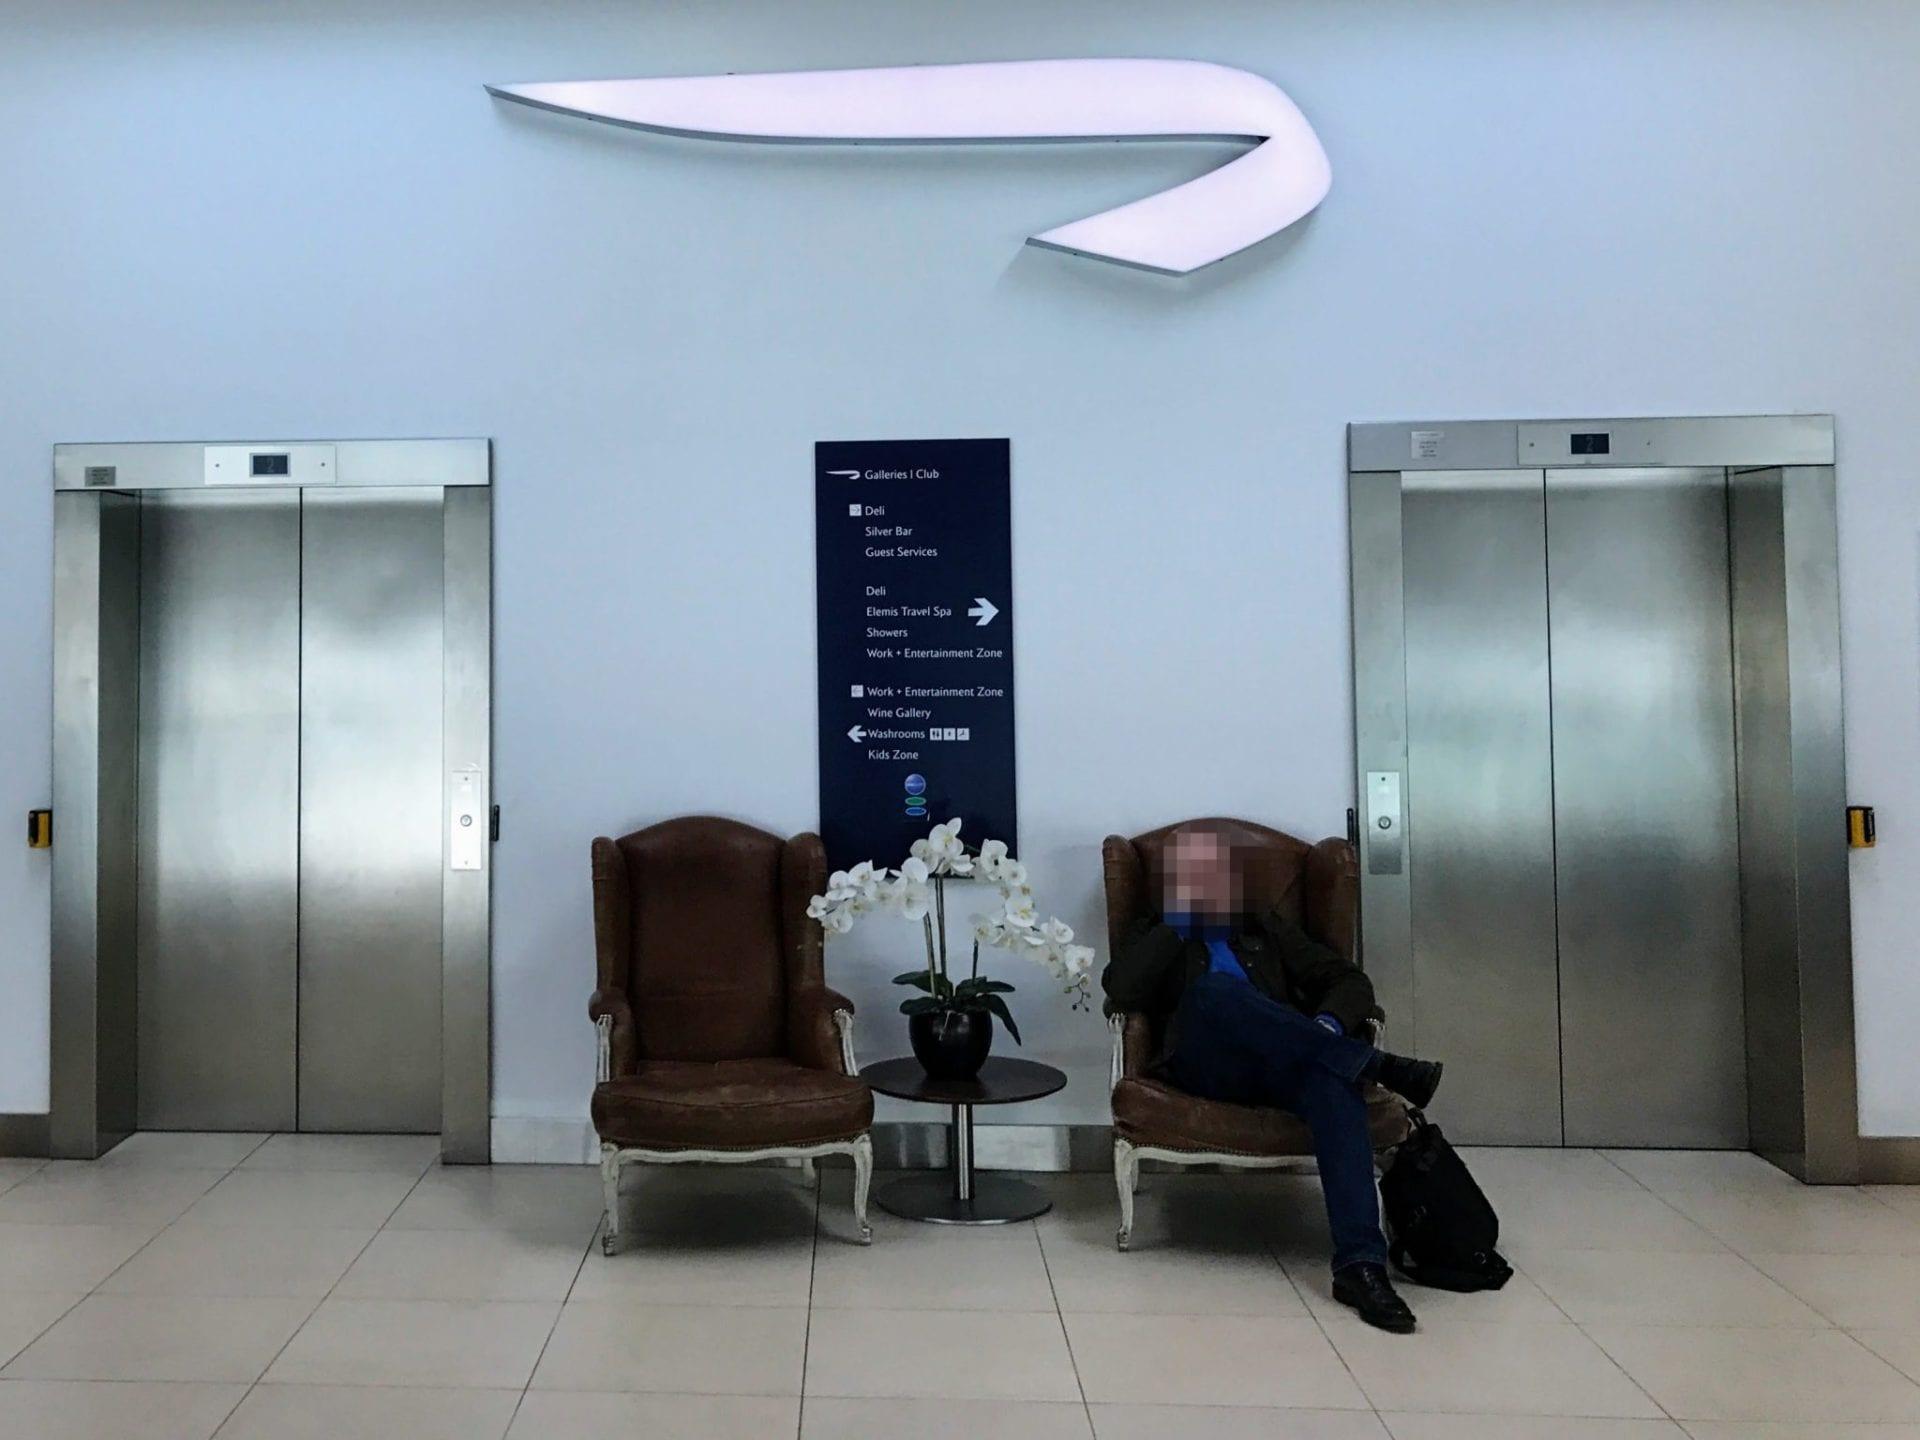 british-airways-galleries-lounge-london-heathrow-terminal-5b-eingangsbereich